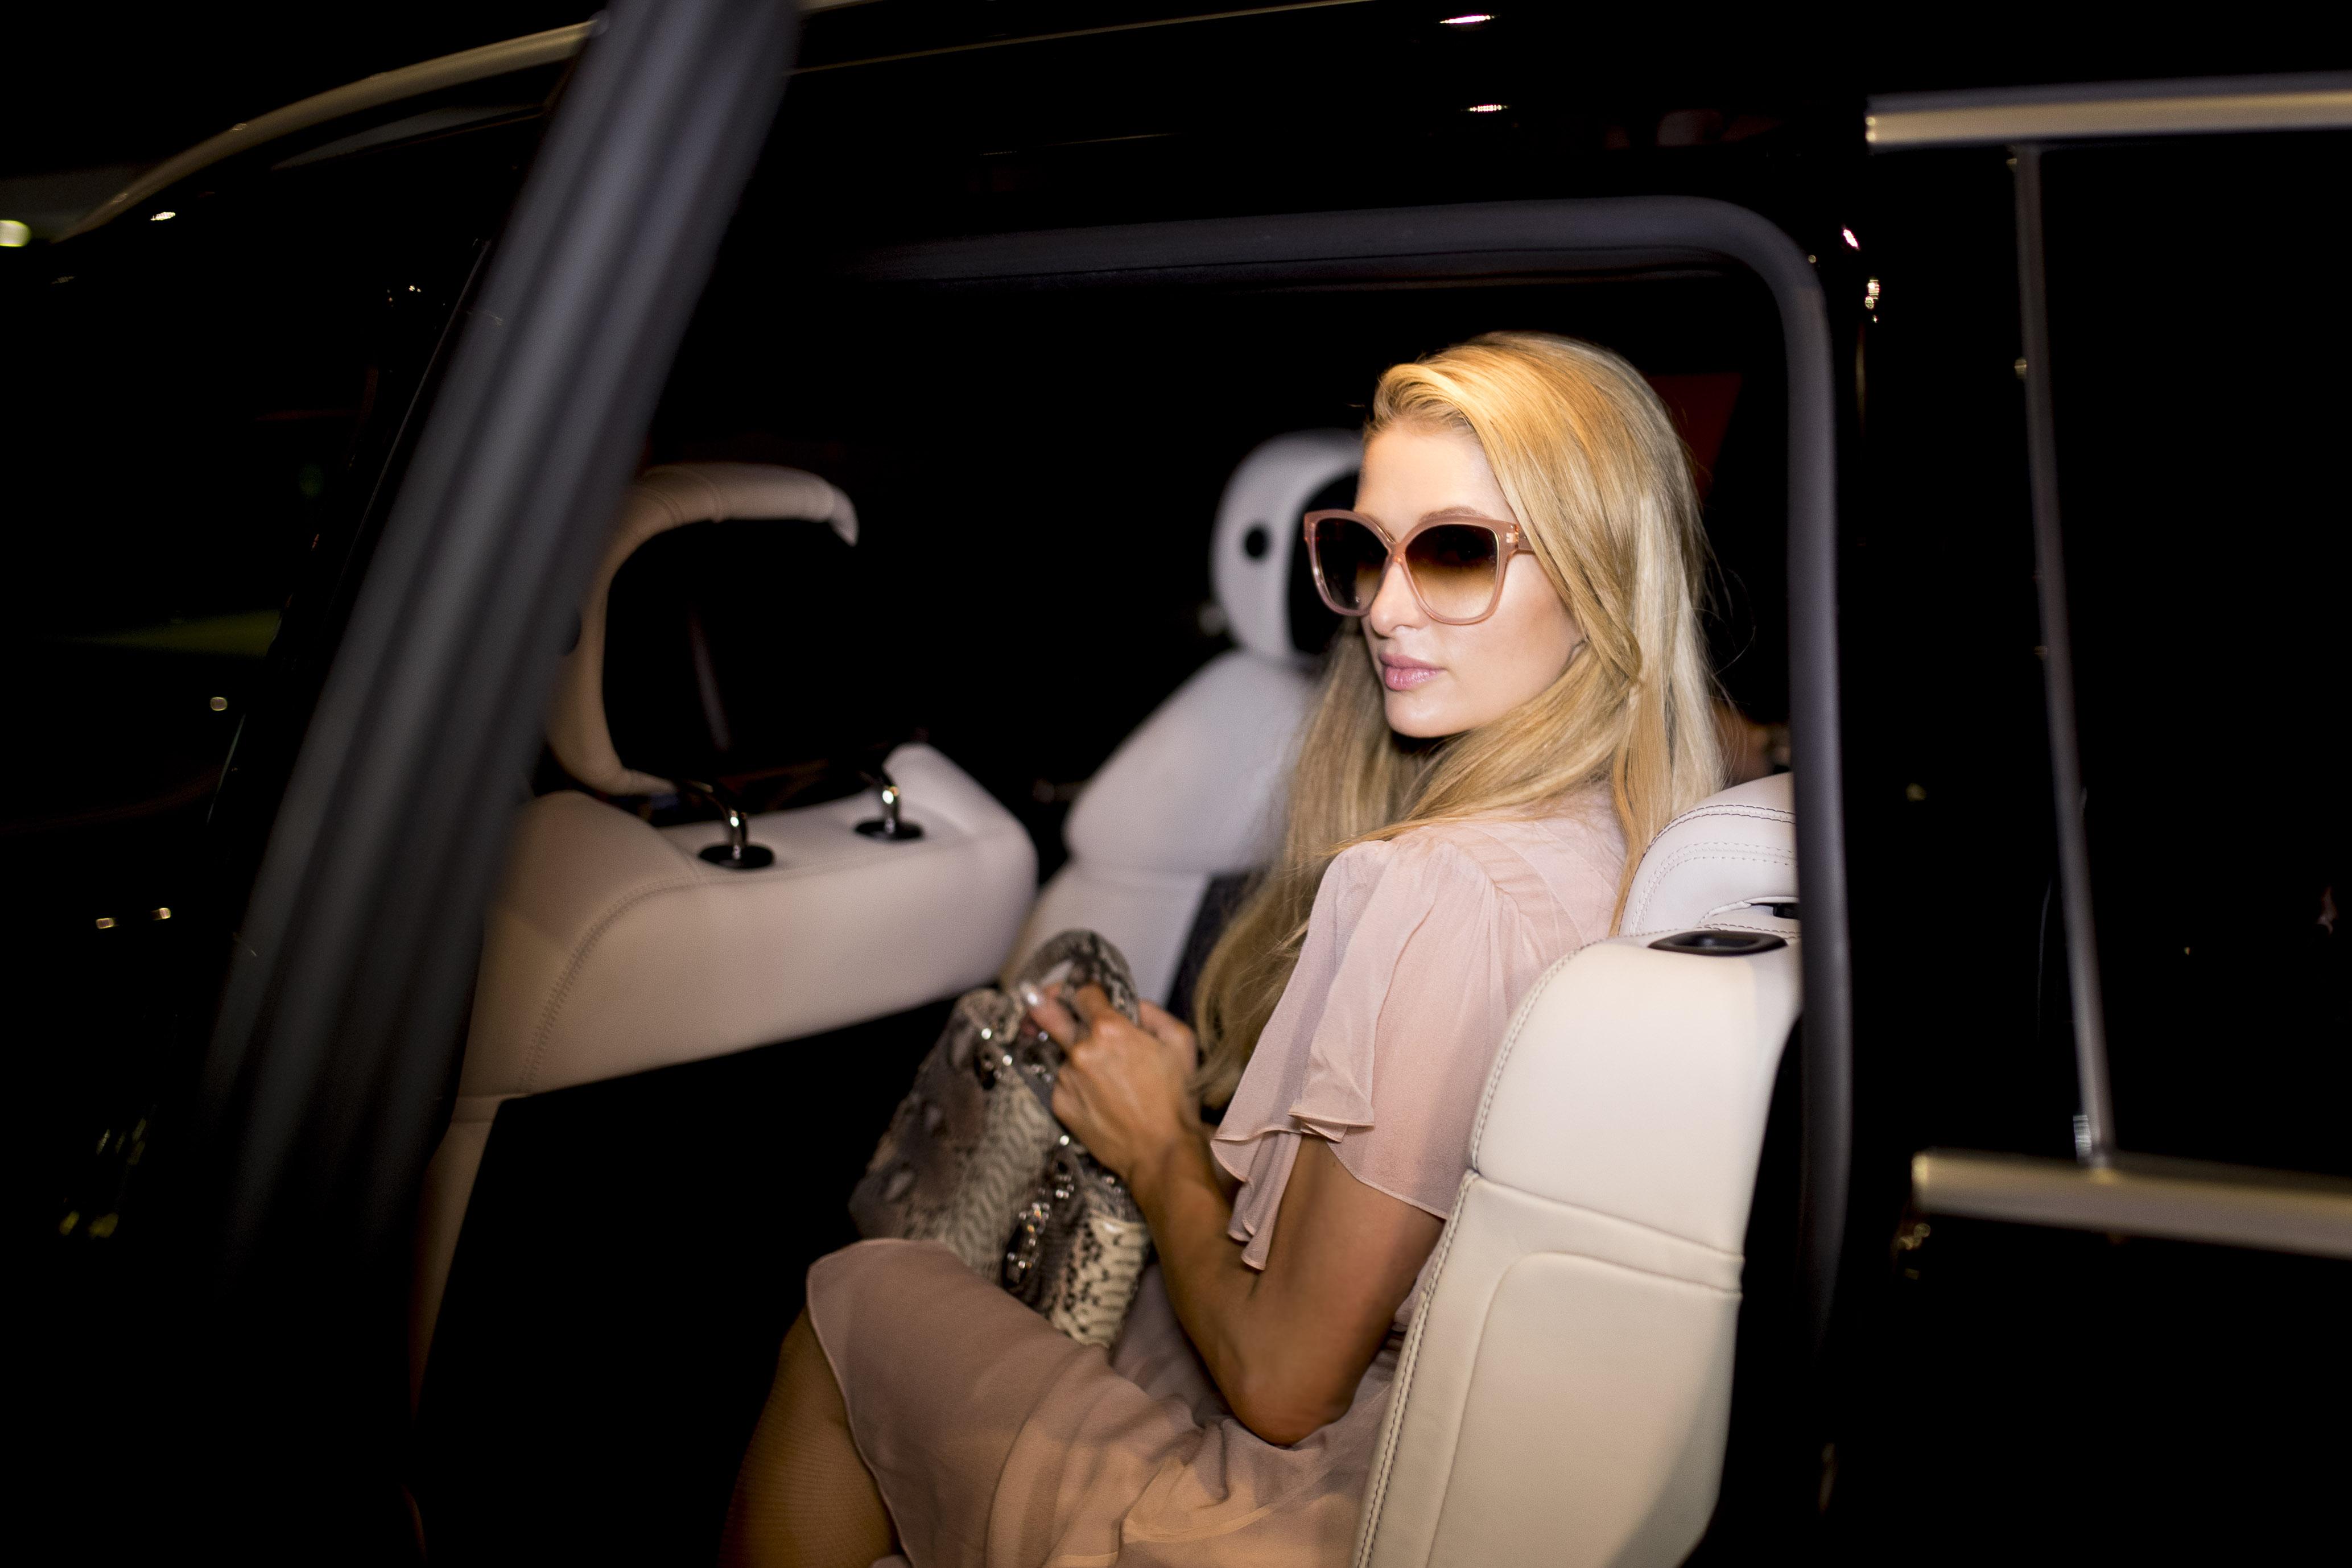 """Paris Hilton teme assaltos durante viagem e decide """"cercar"""" anel milionário de noivado, afirma TMZ"""